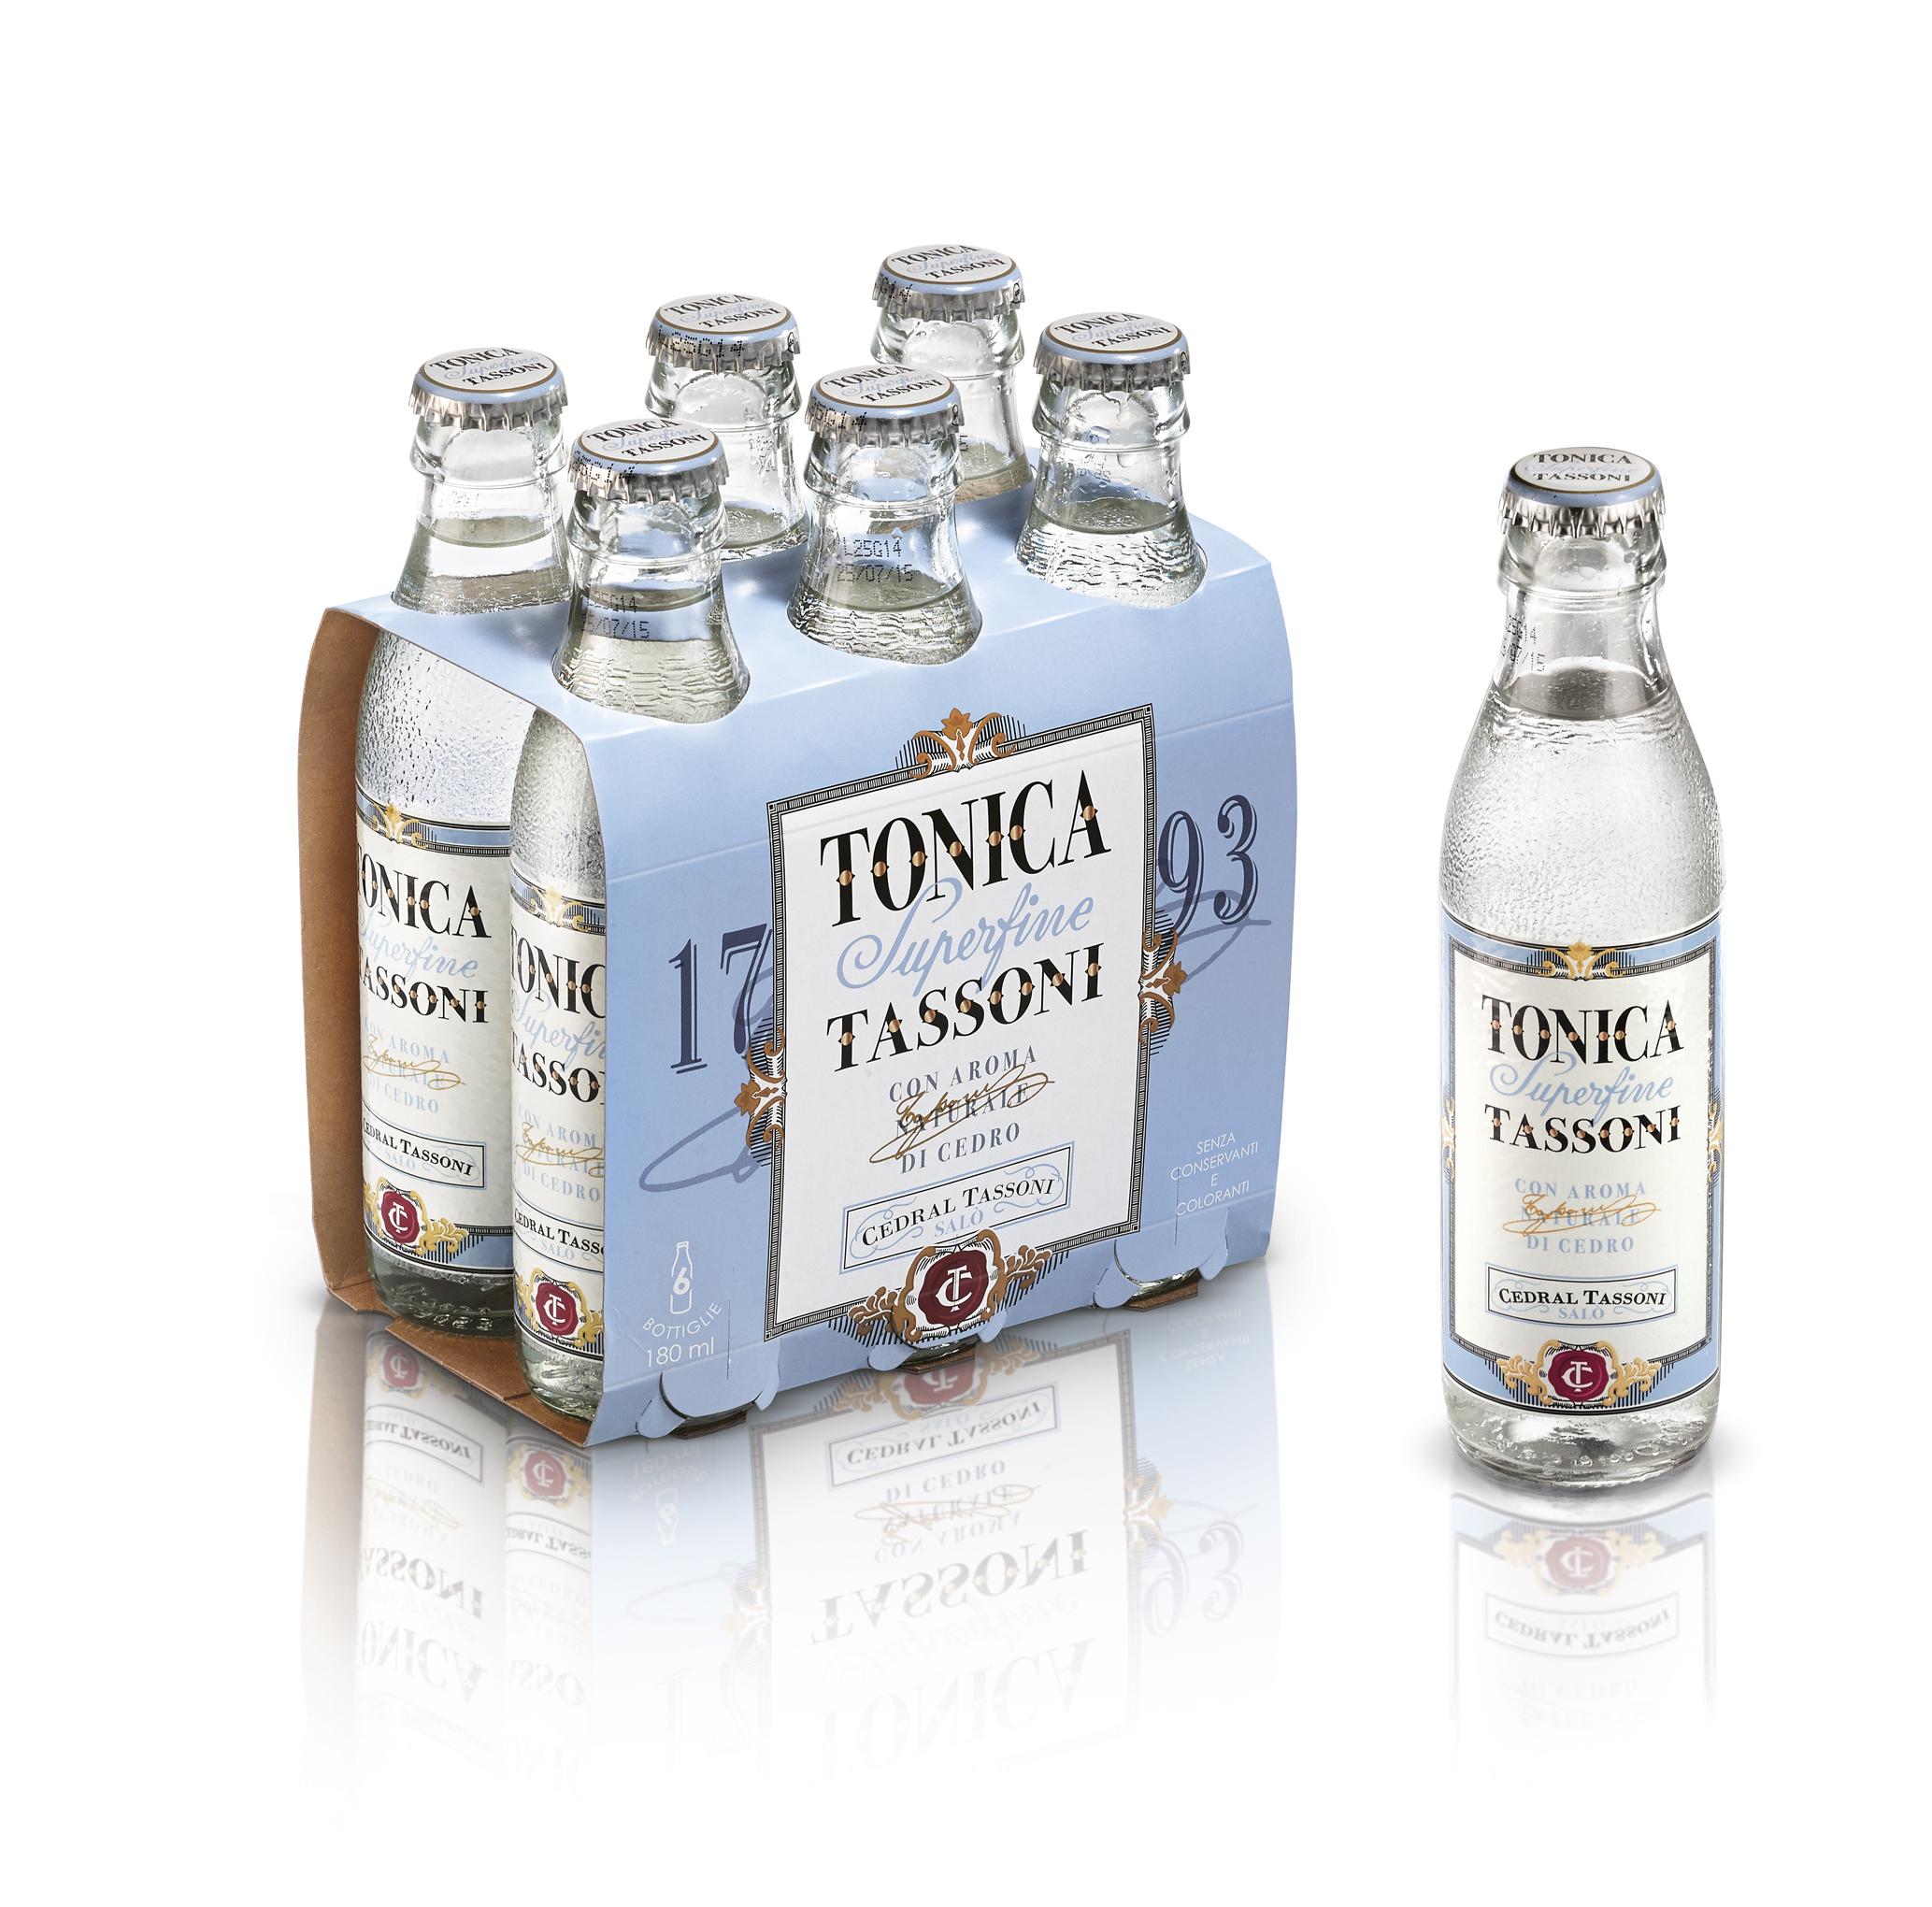 Hub09 firma il pack della nuova Tonica Superfine Tassoni